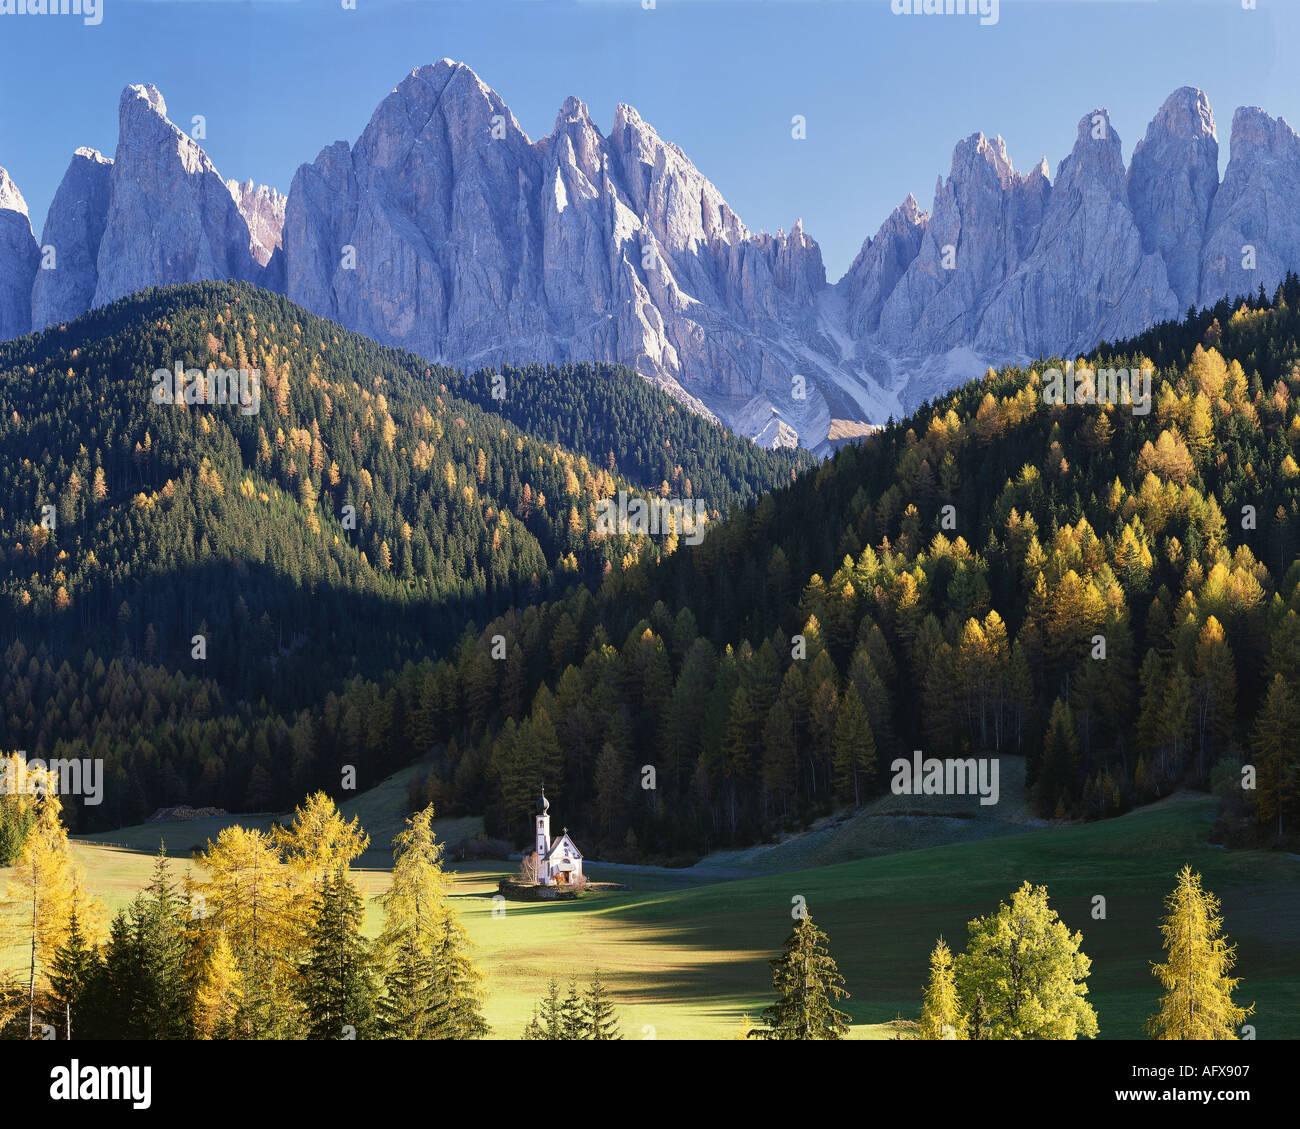 ES - Dolomiten: St. Johann in Ranui und Geisler Rollen Bergen Stockbild